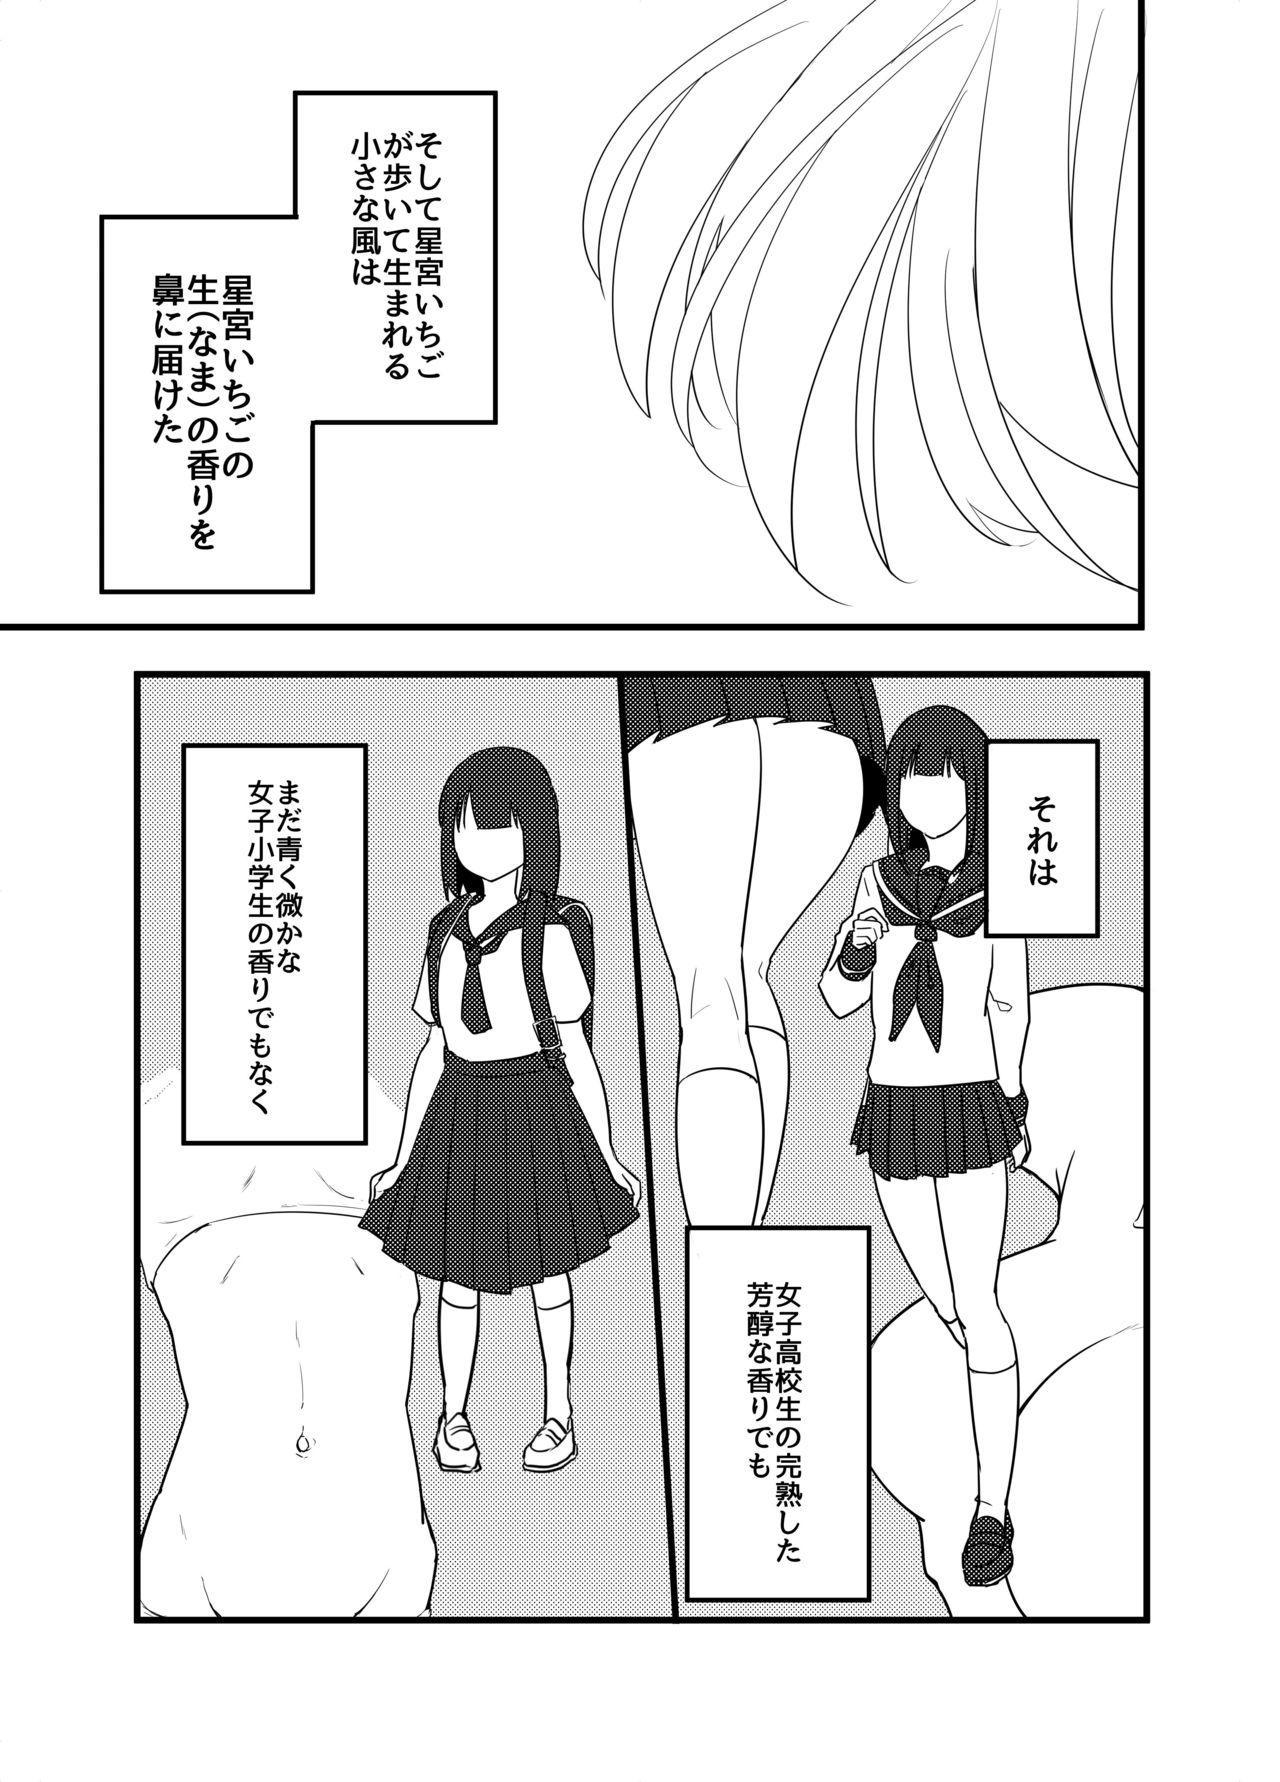 Hoshimiya Ichigo o Goukan Shite Boku wa Hoshi ni Naru. 20